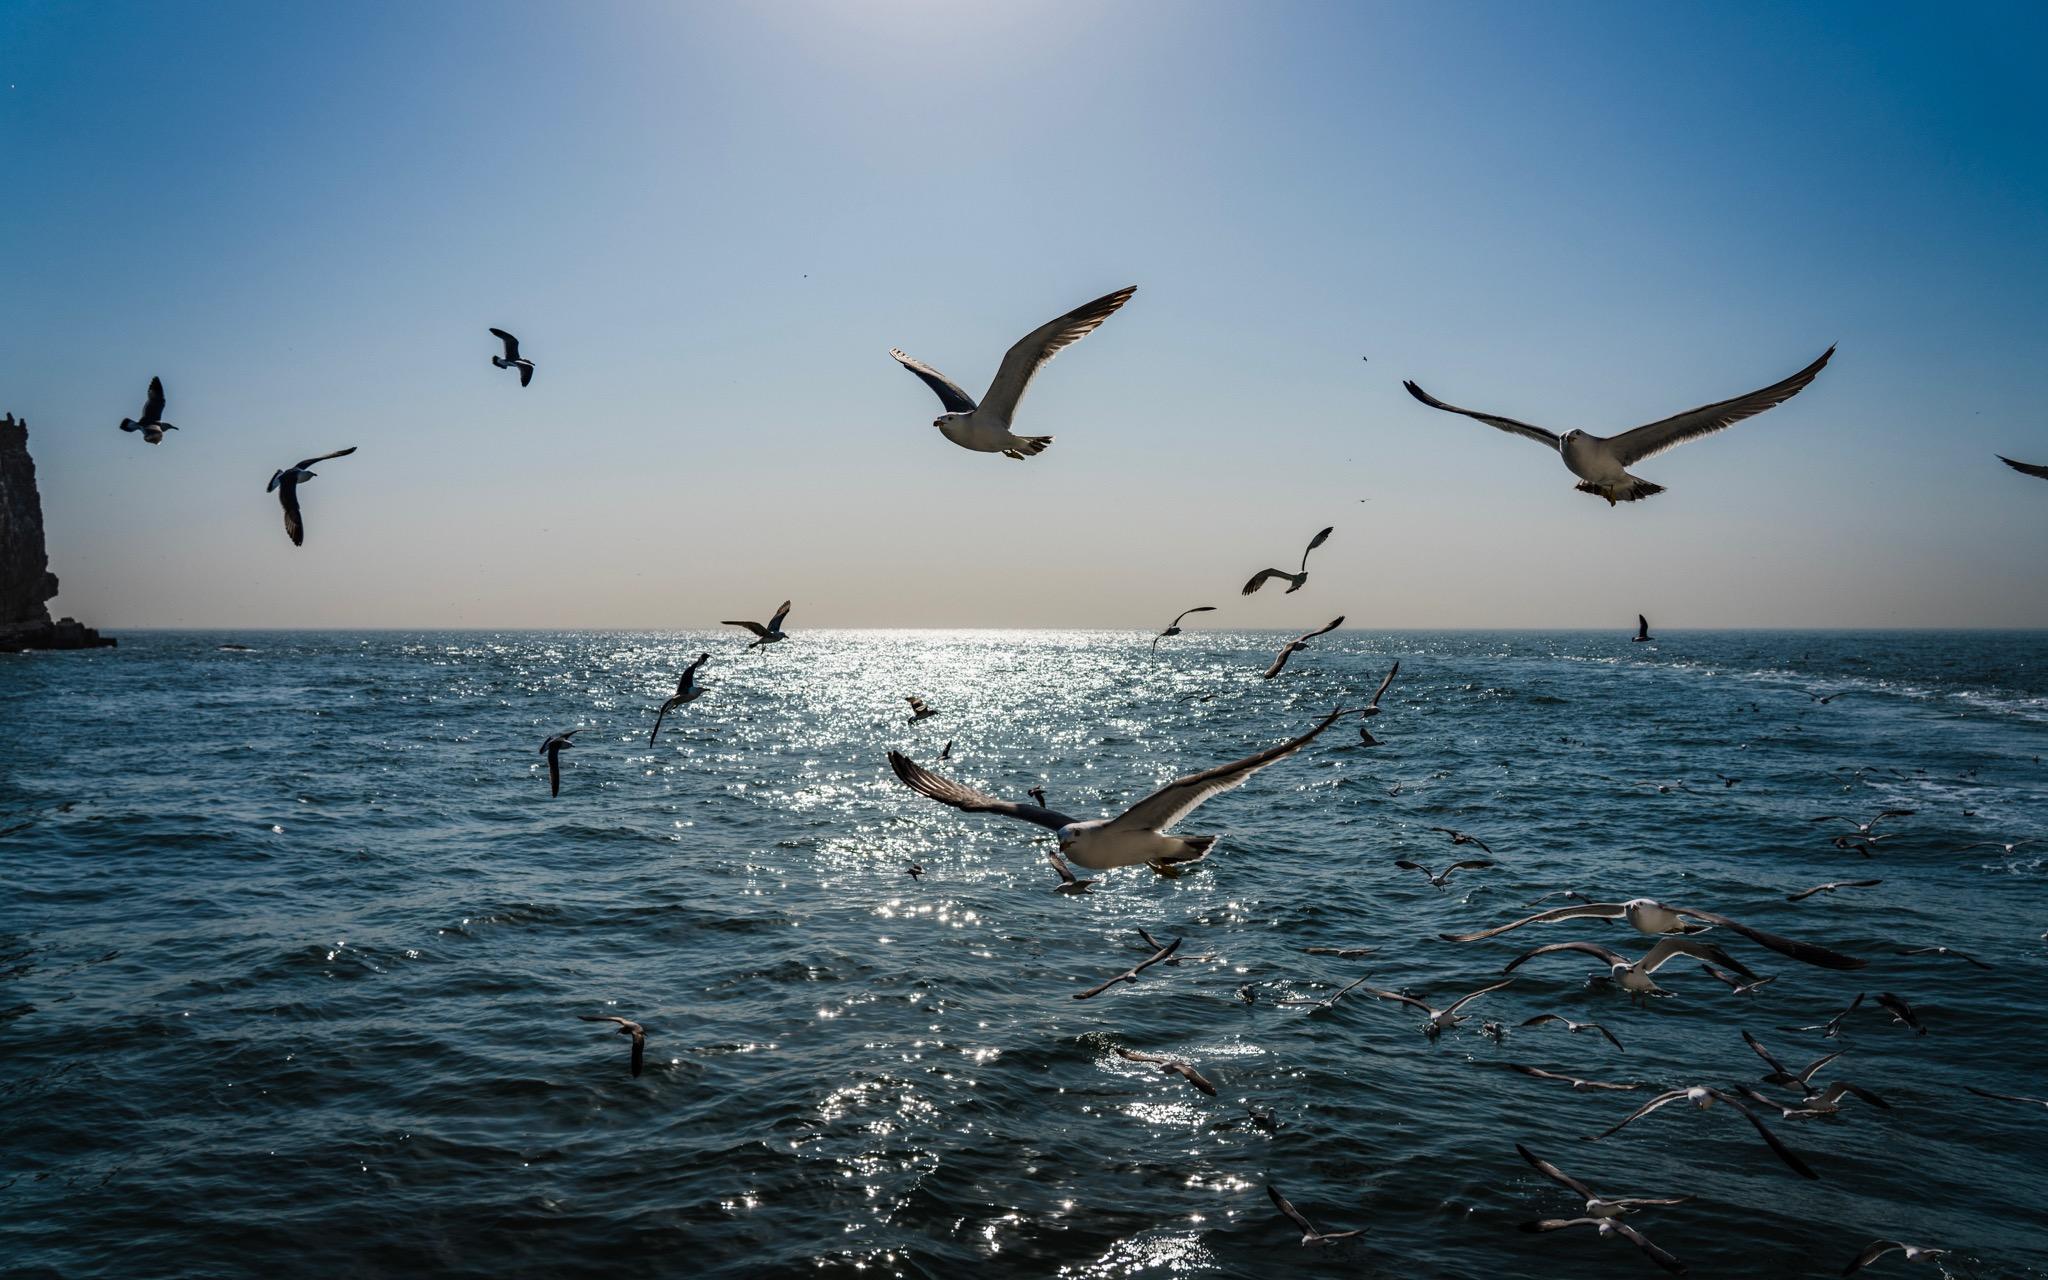 逆光的海鸥